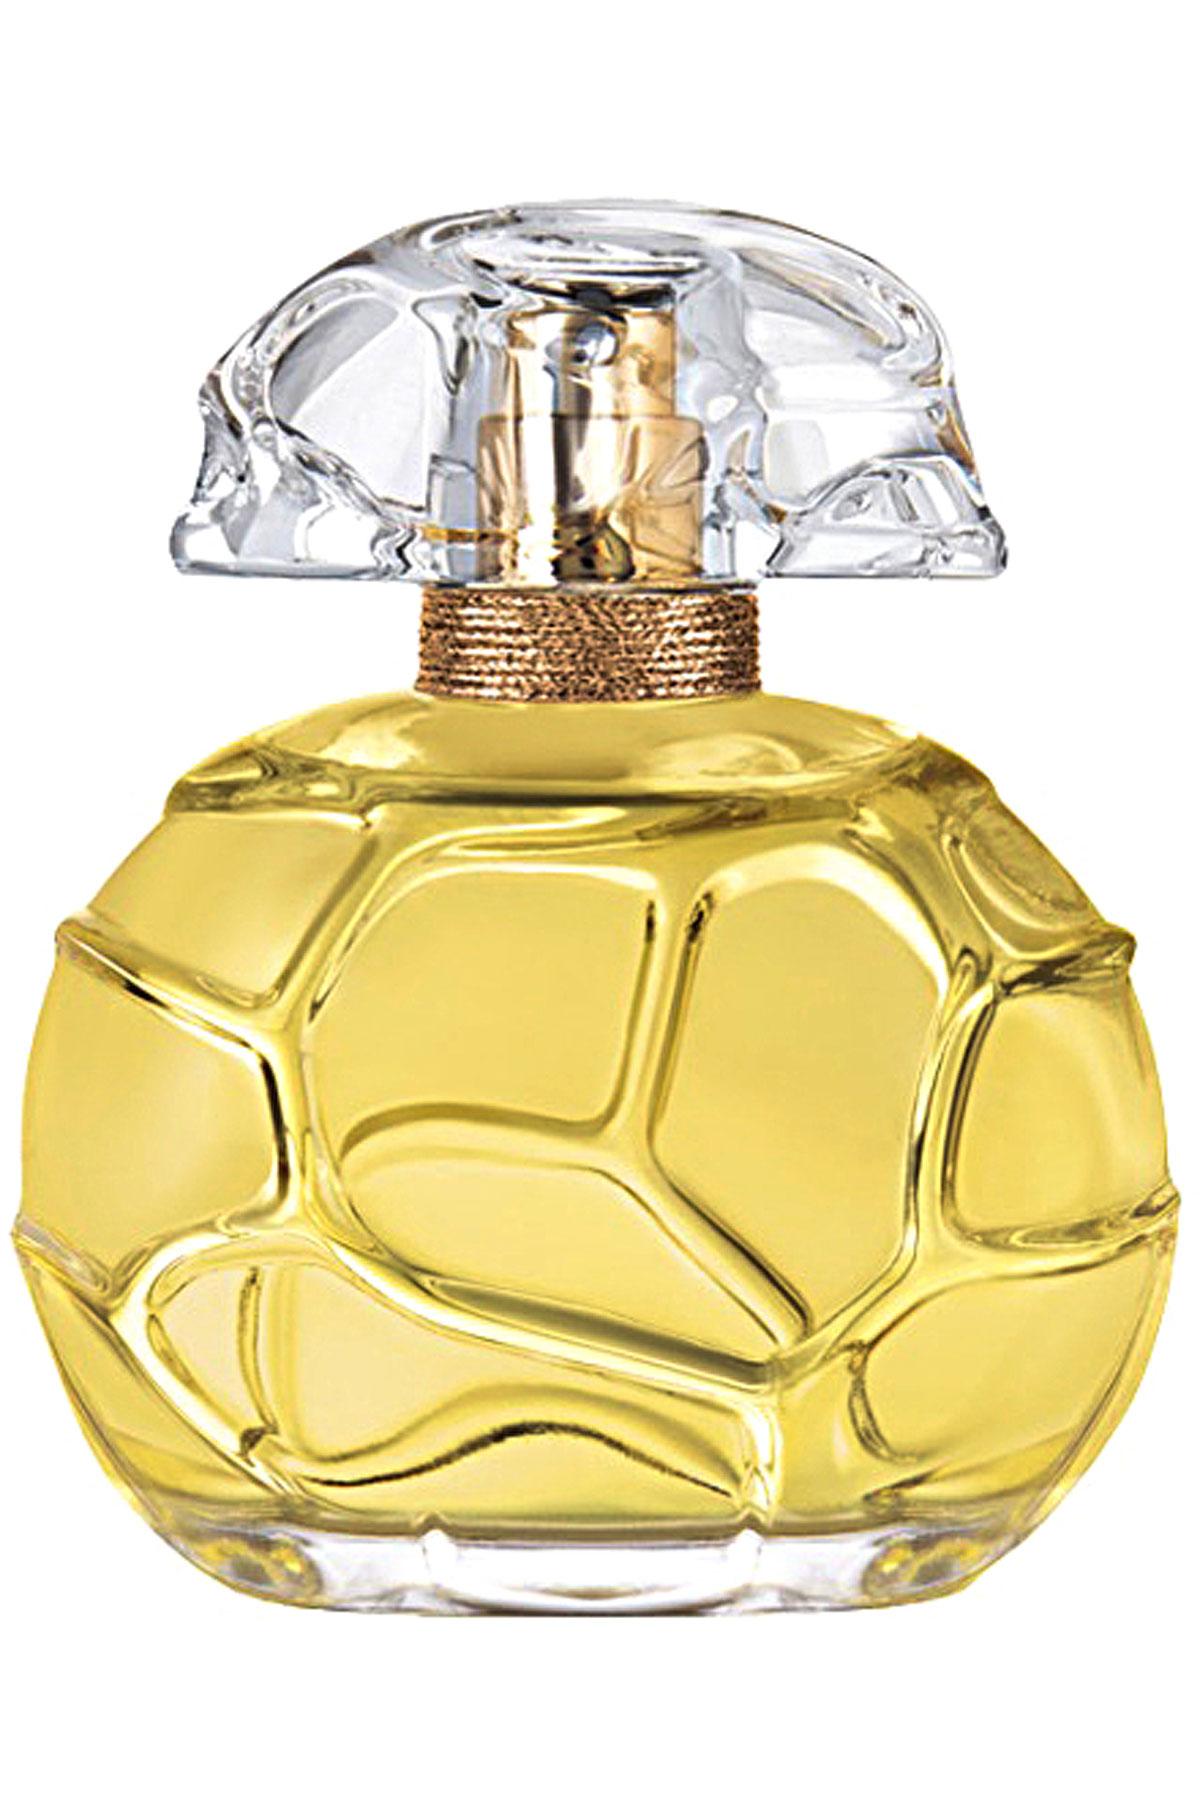 Houbigant Paris Fragrances for Women, Quelques Fleurs L Original - Extrait De Parfum - 100 Ml, 2019, 100 ml